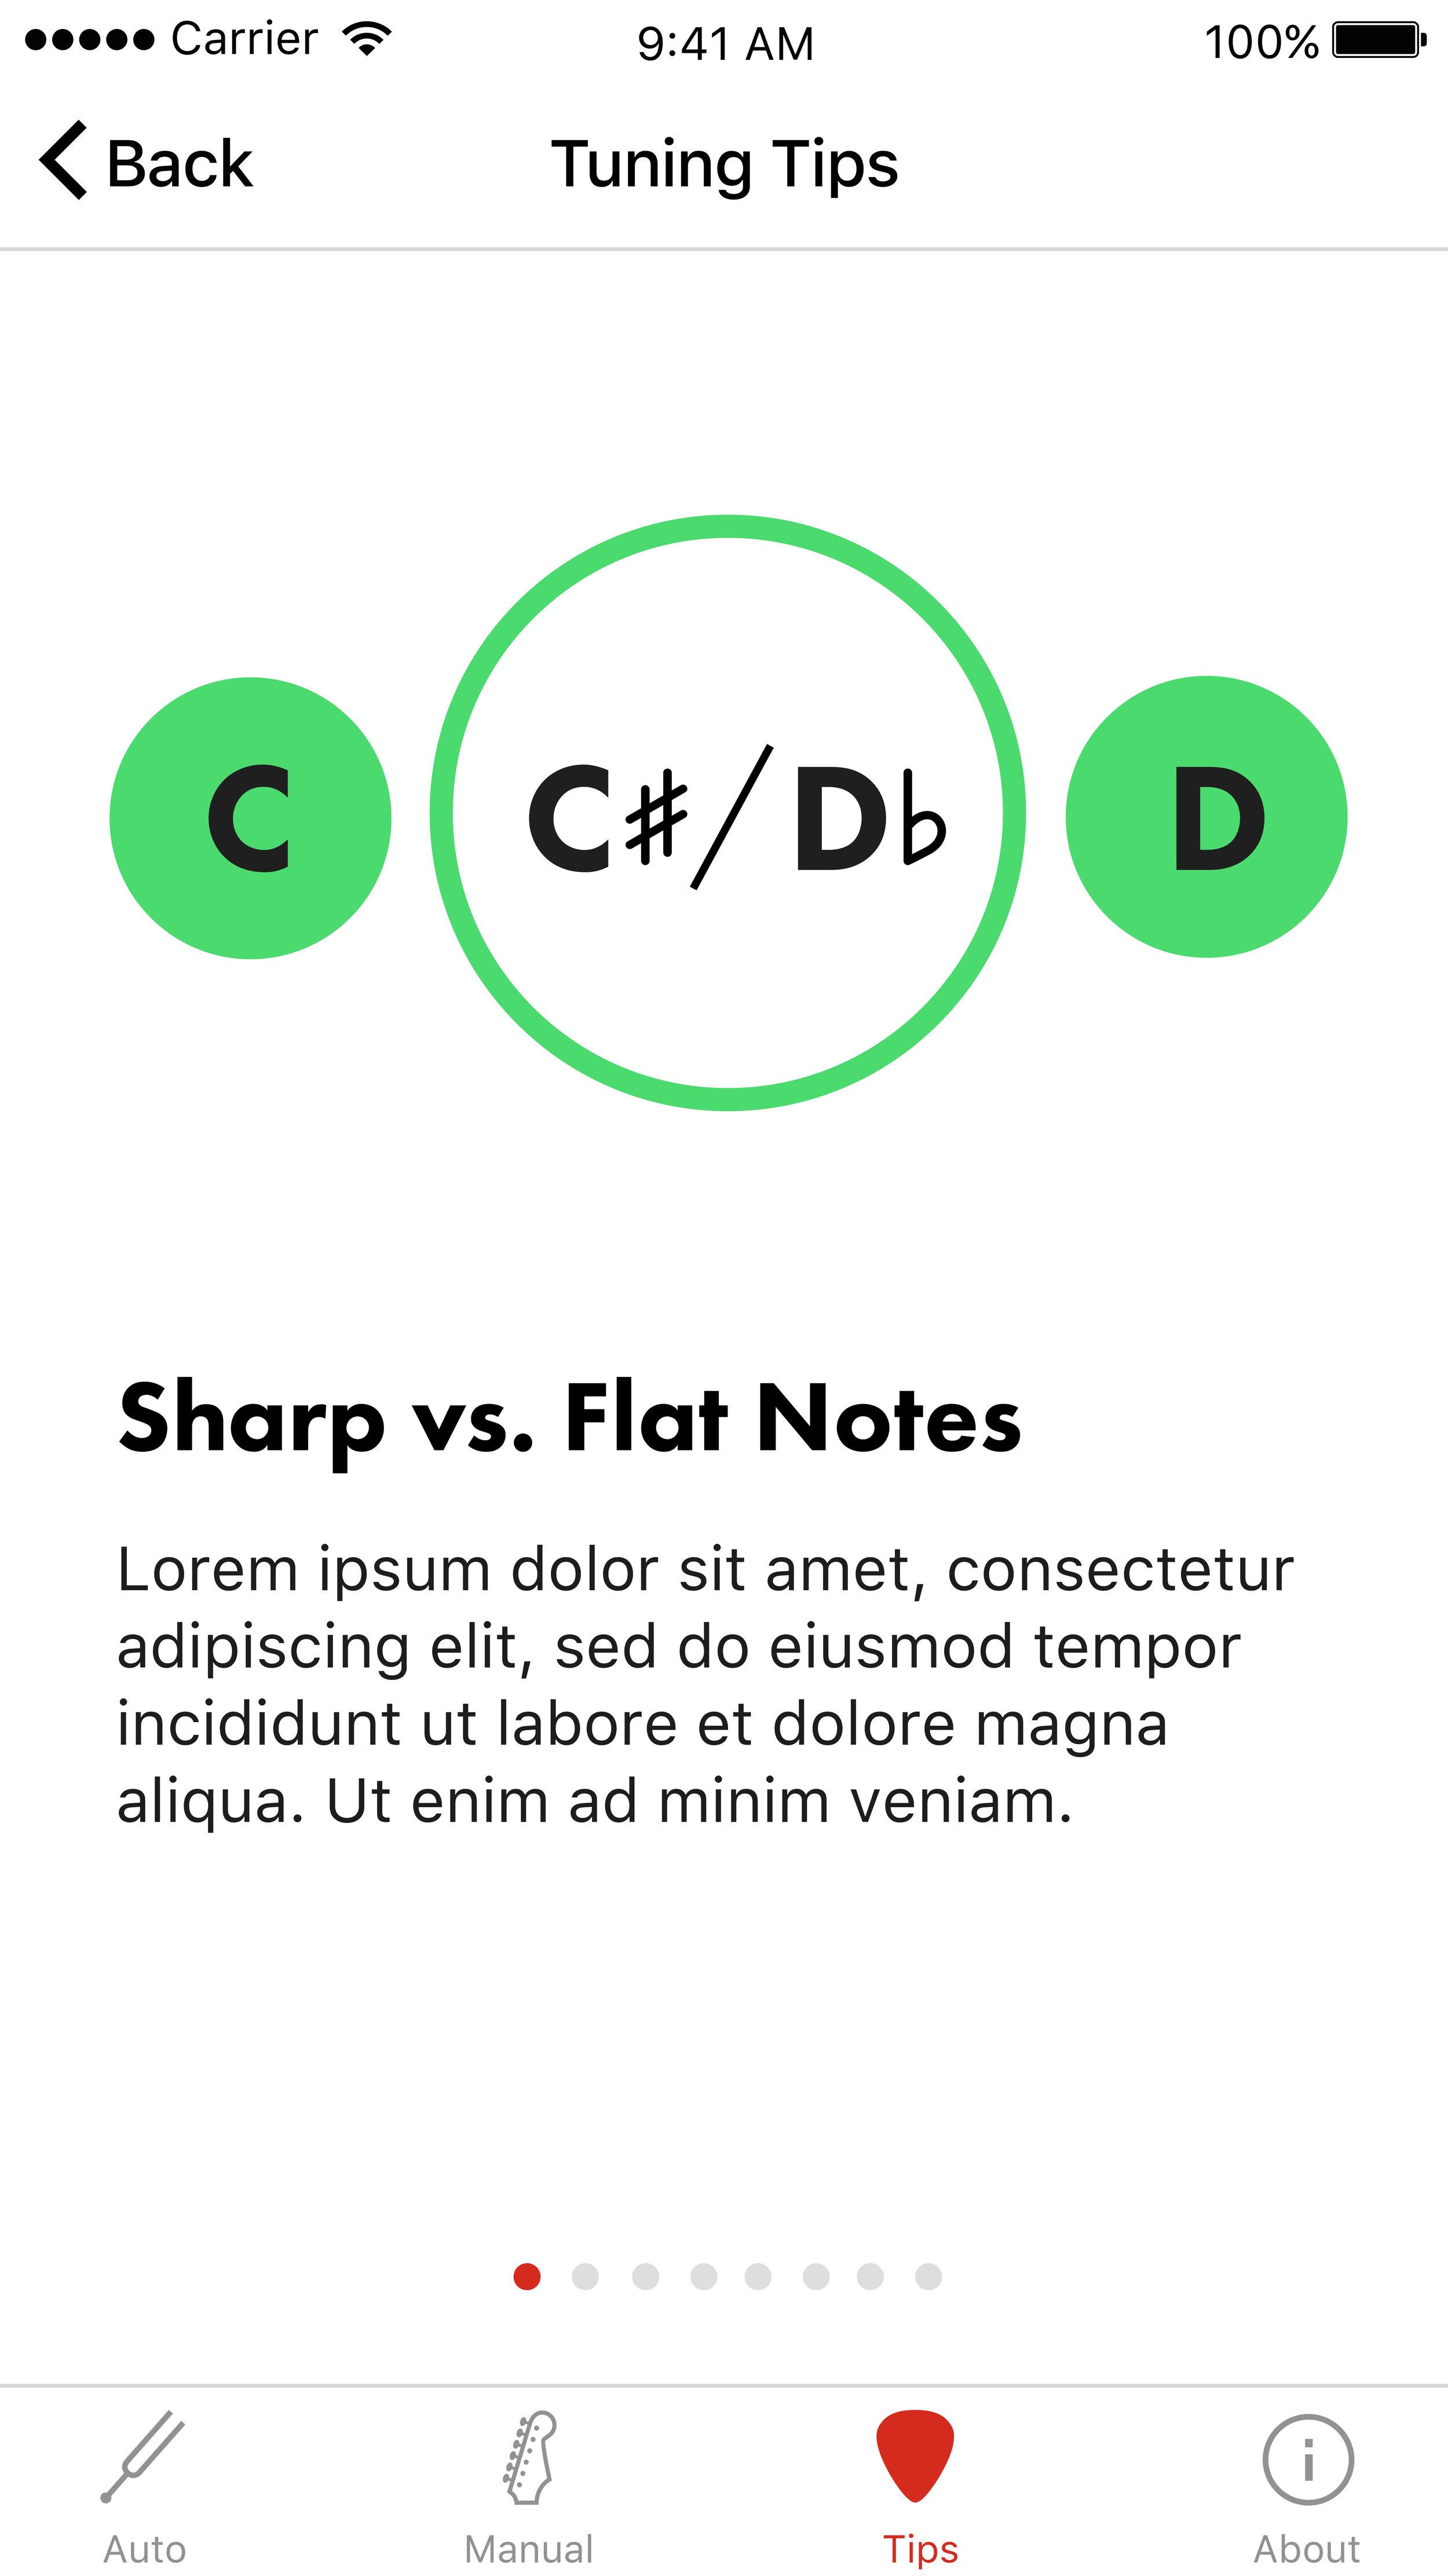 tuning-tips-sharp-vs-flat.jpg